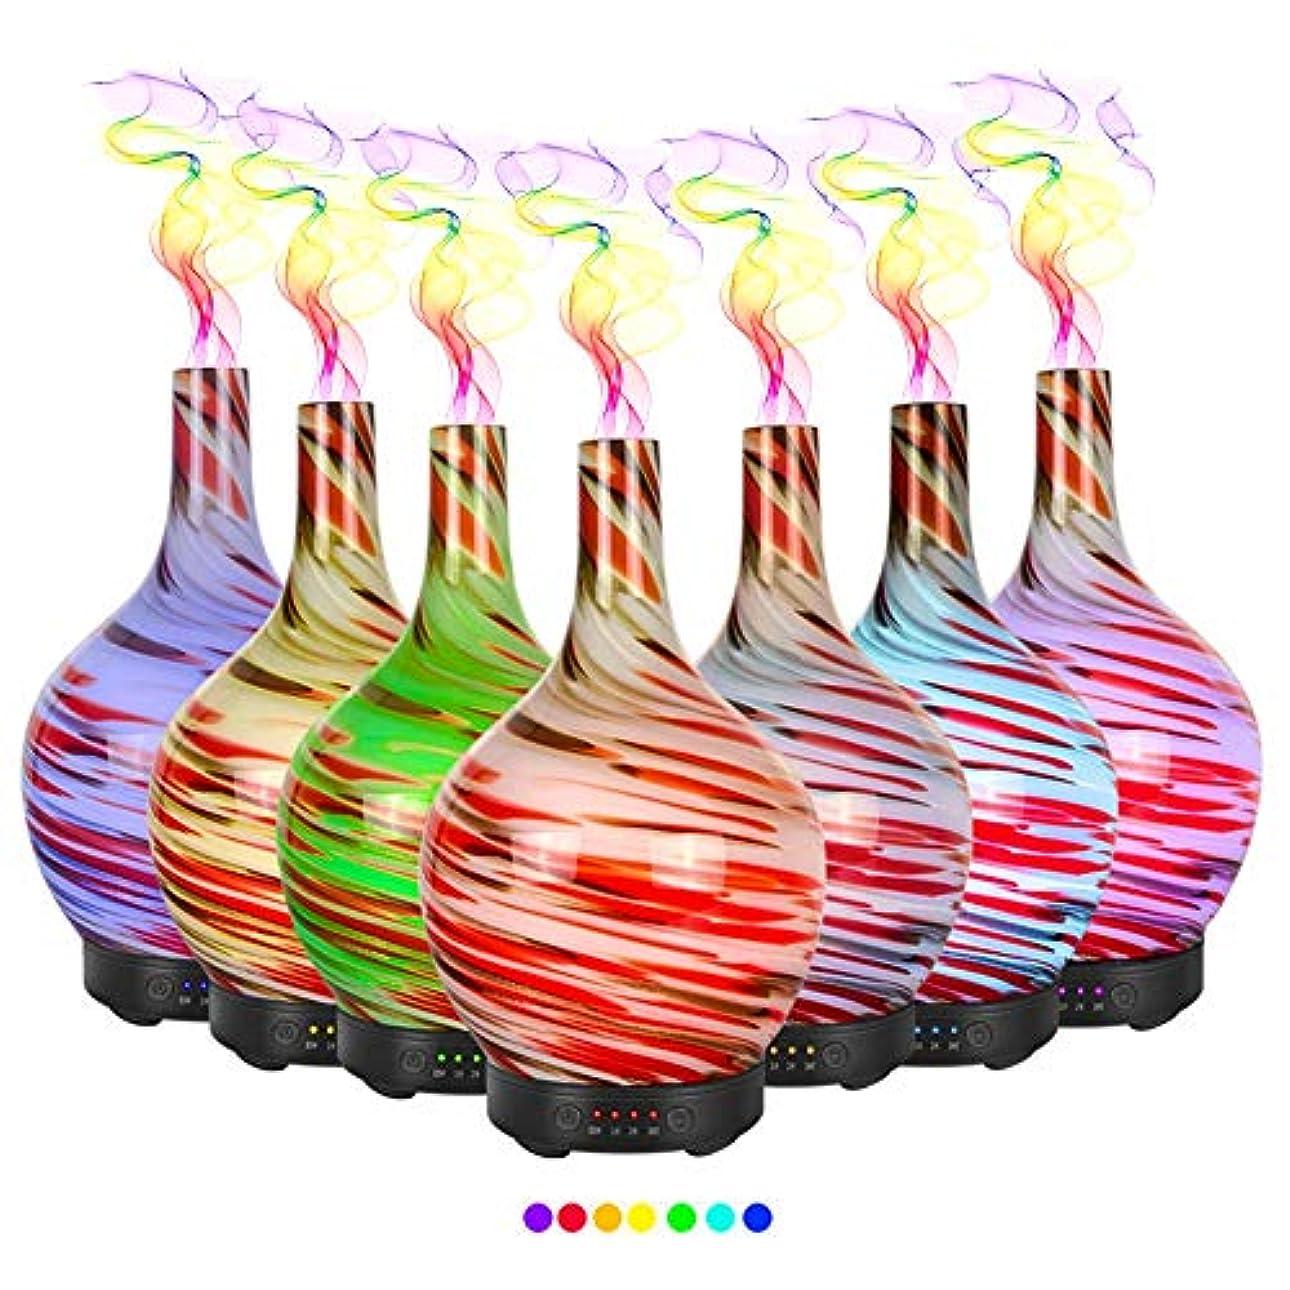 激しい貫入無臭エッセンシャルオイル用ディフューザー (100ml)-3d アートガラス油絵アロマ加湿器7色の変更 LED ライト & 4 タイマー設定、水なしオートシャットオフ